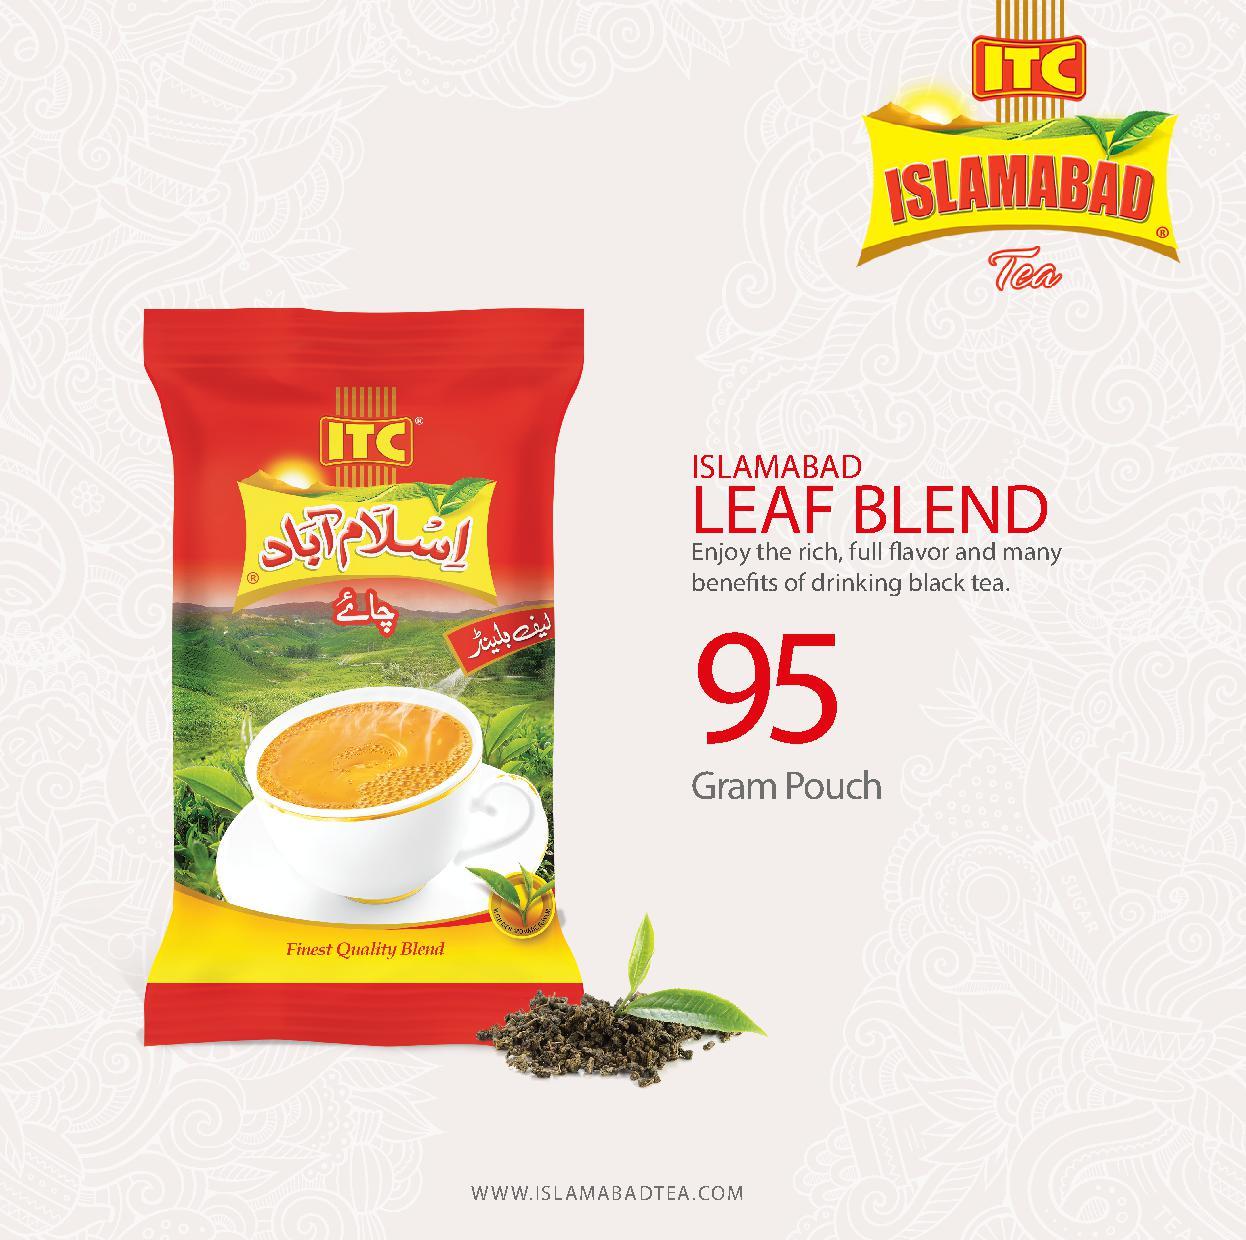 Islamabad Tea 95 Gm